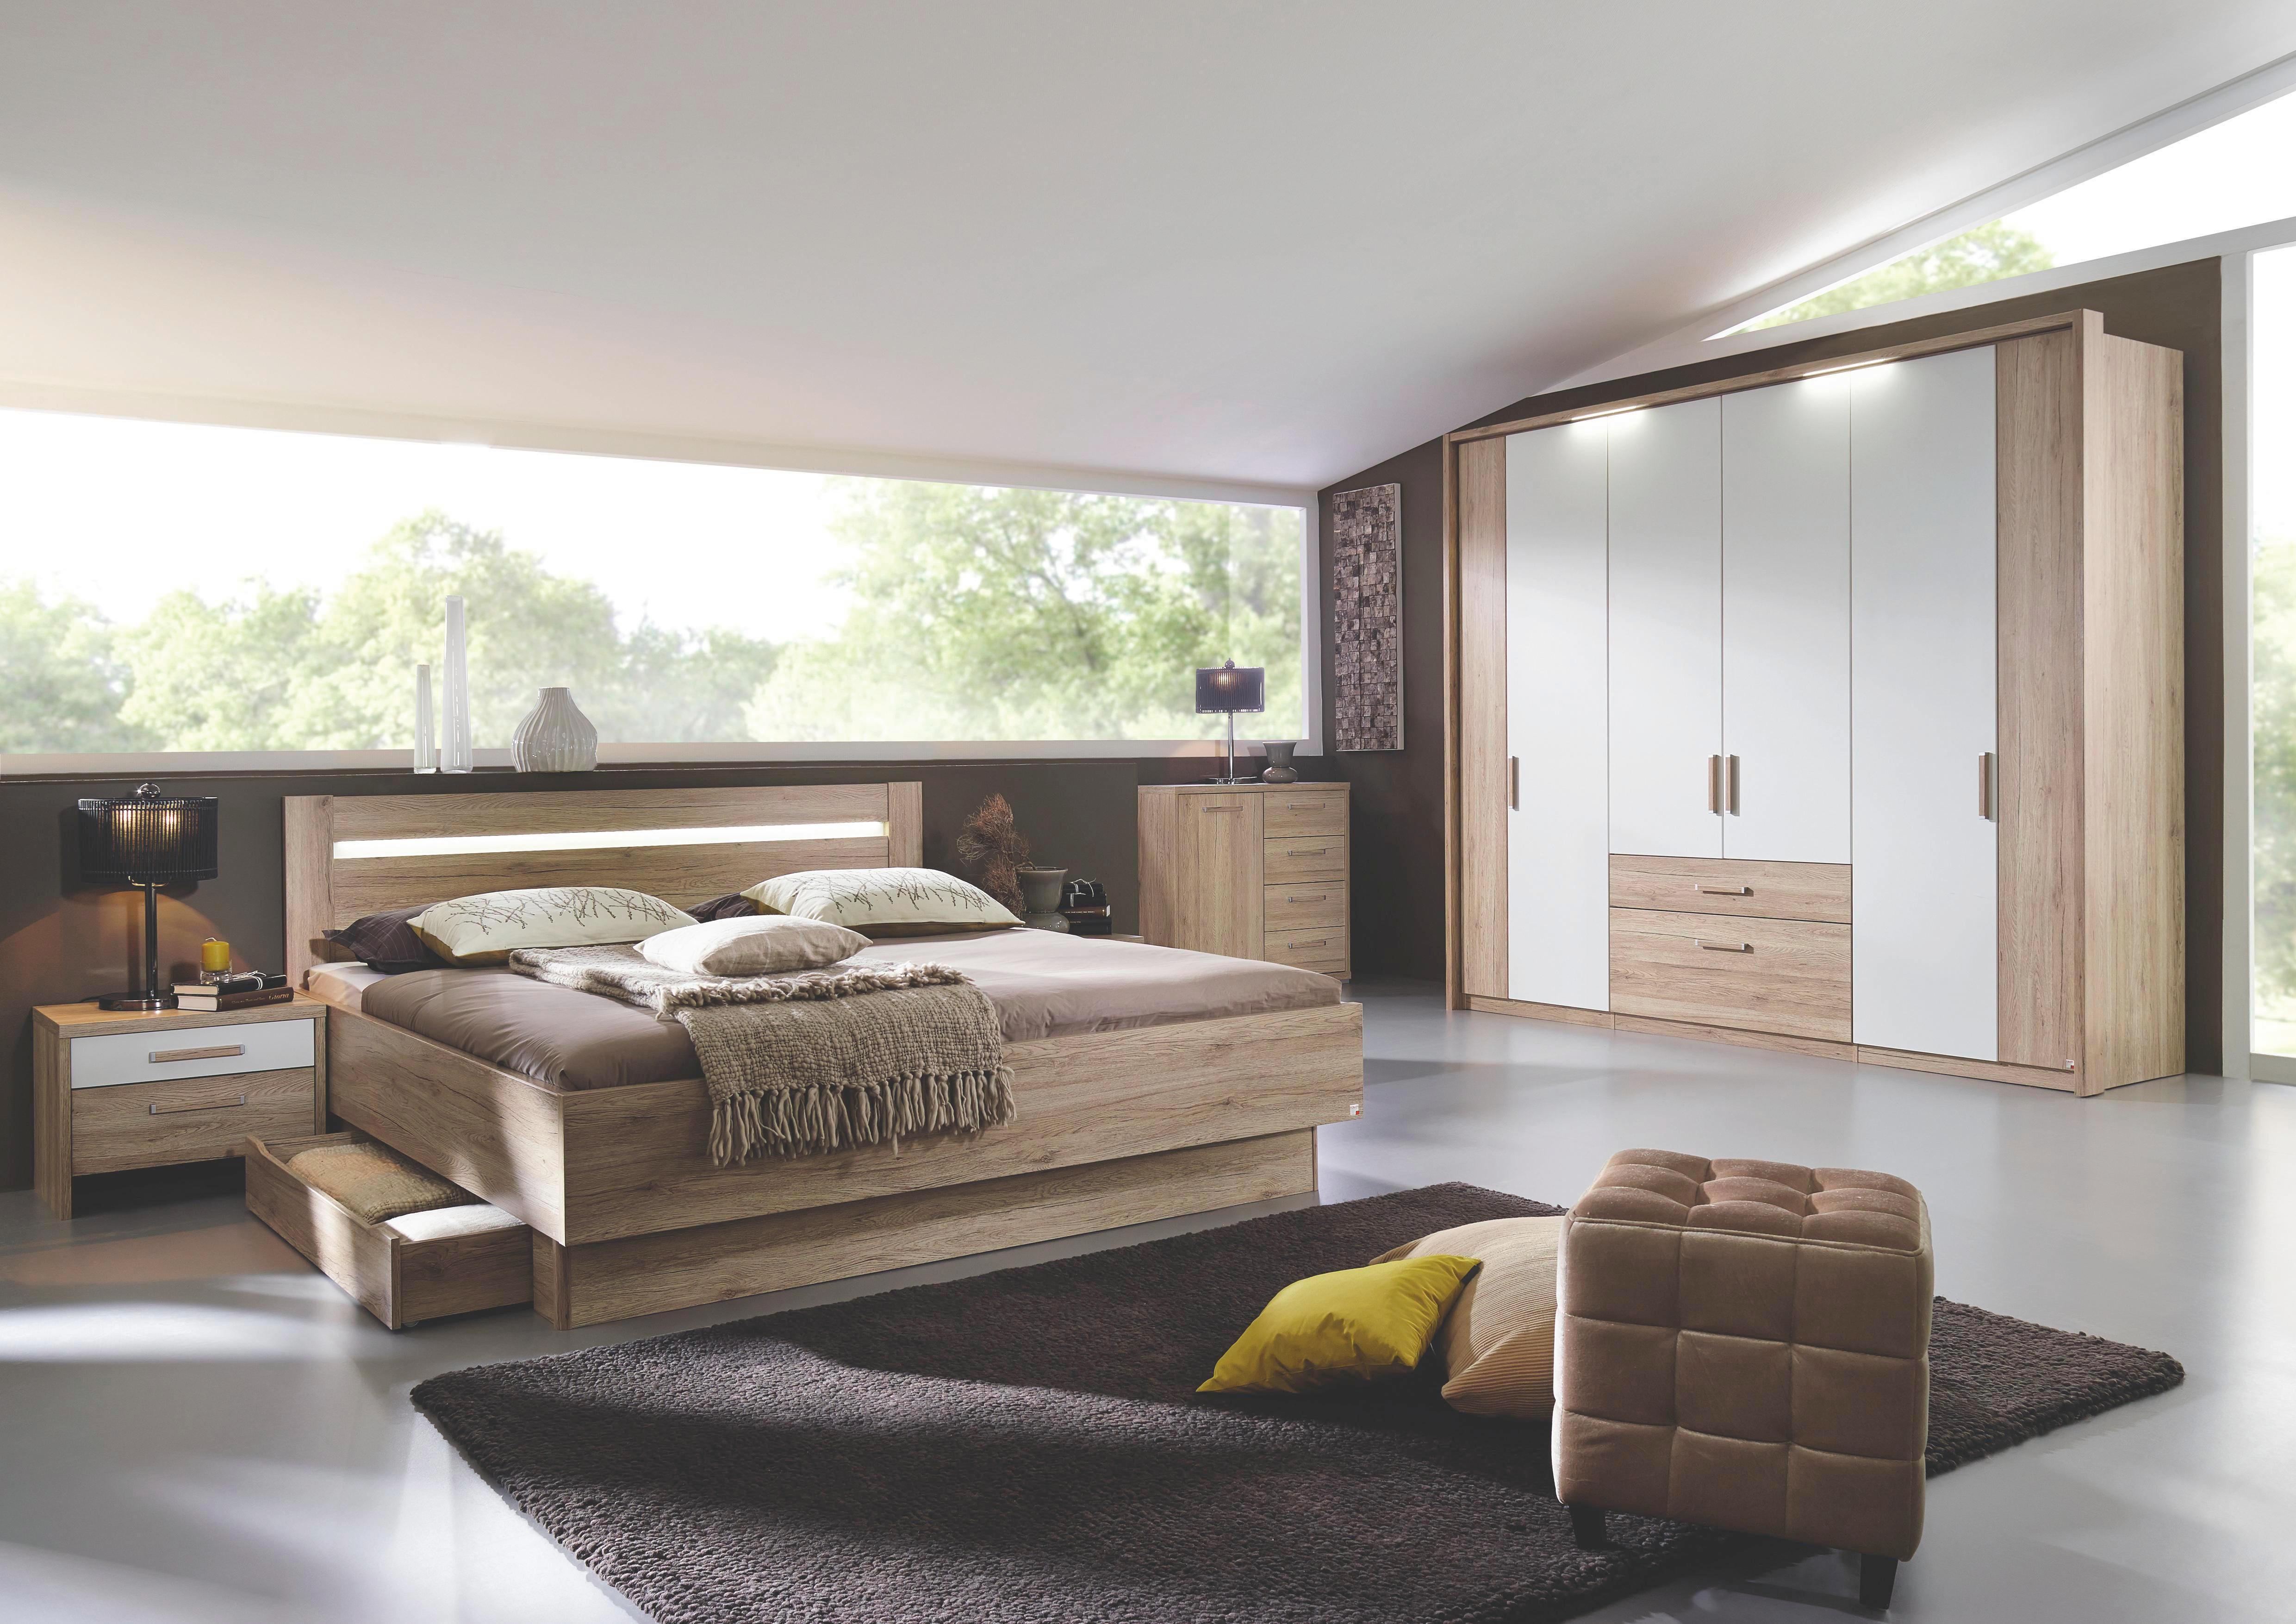 Schlafzimmer Ahorn. Ferienhaus Ostsee 10 Personen 5 Schlafzimmer ...